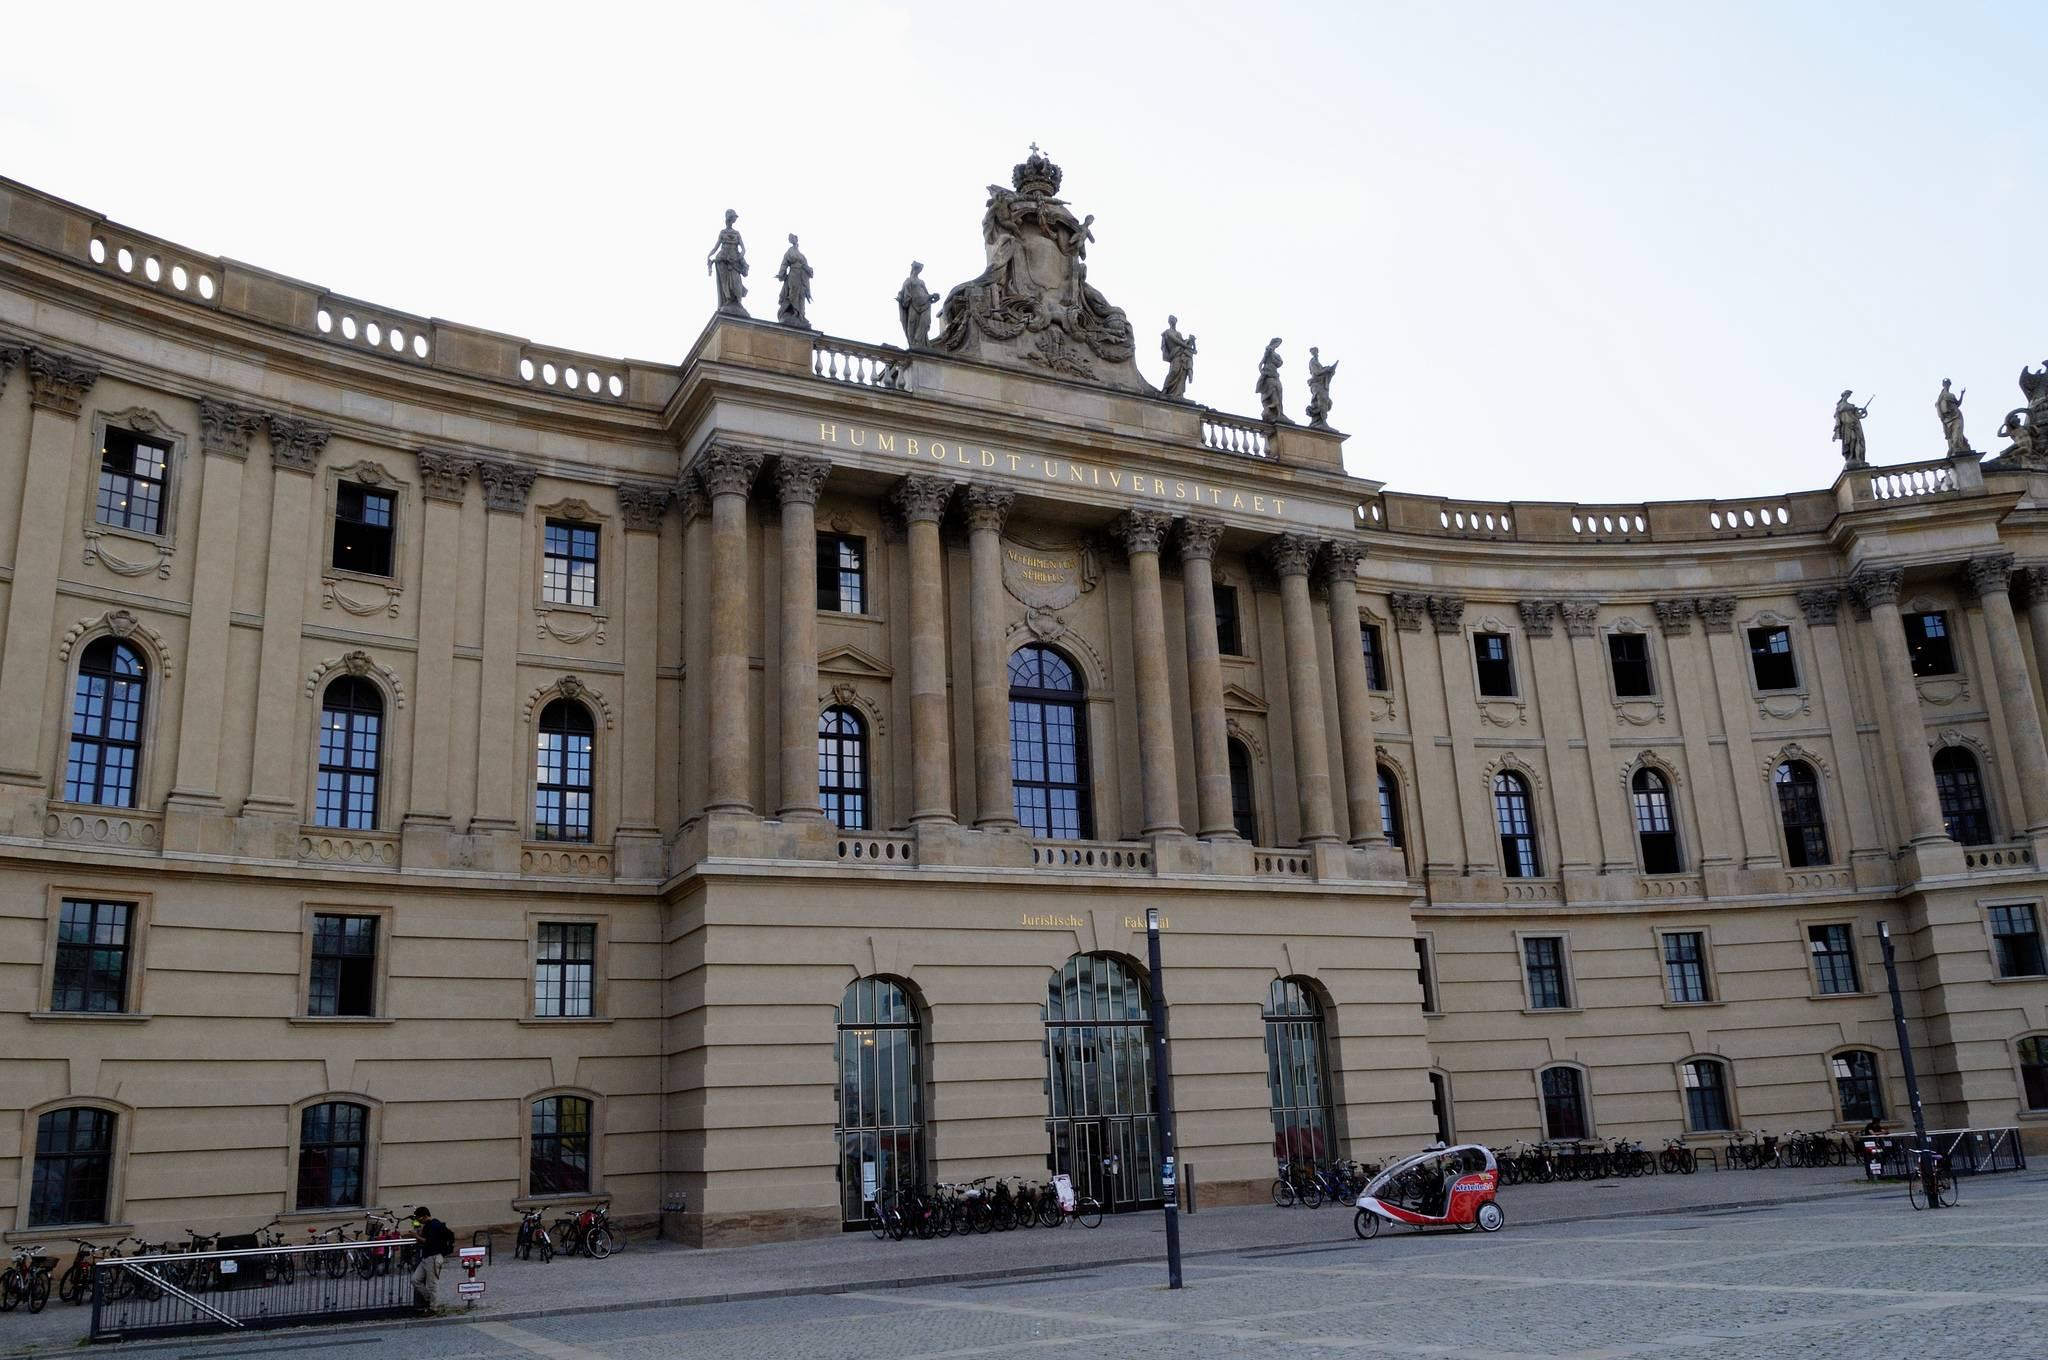 Берлинский университет имени гумбольдта – старейший в столице германии. фото